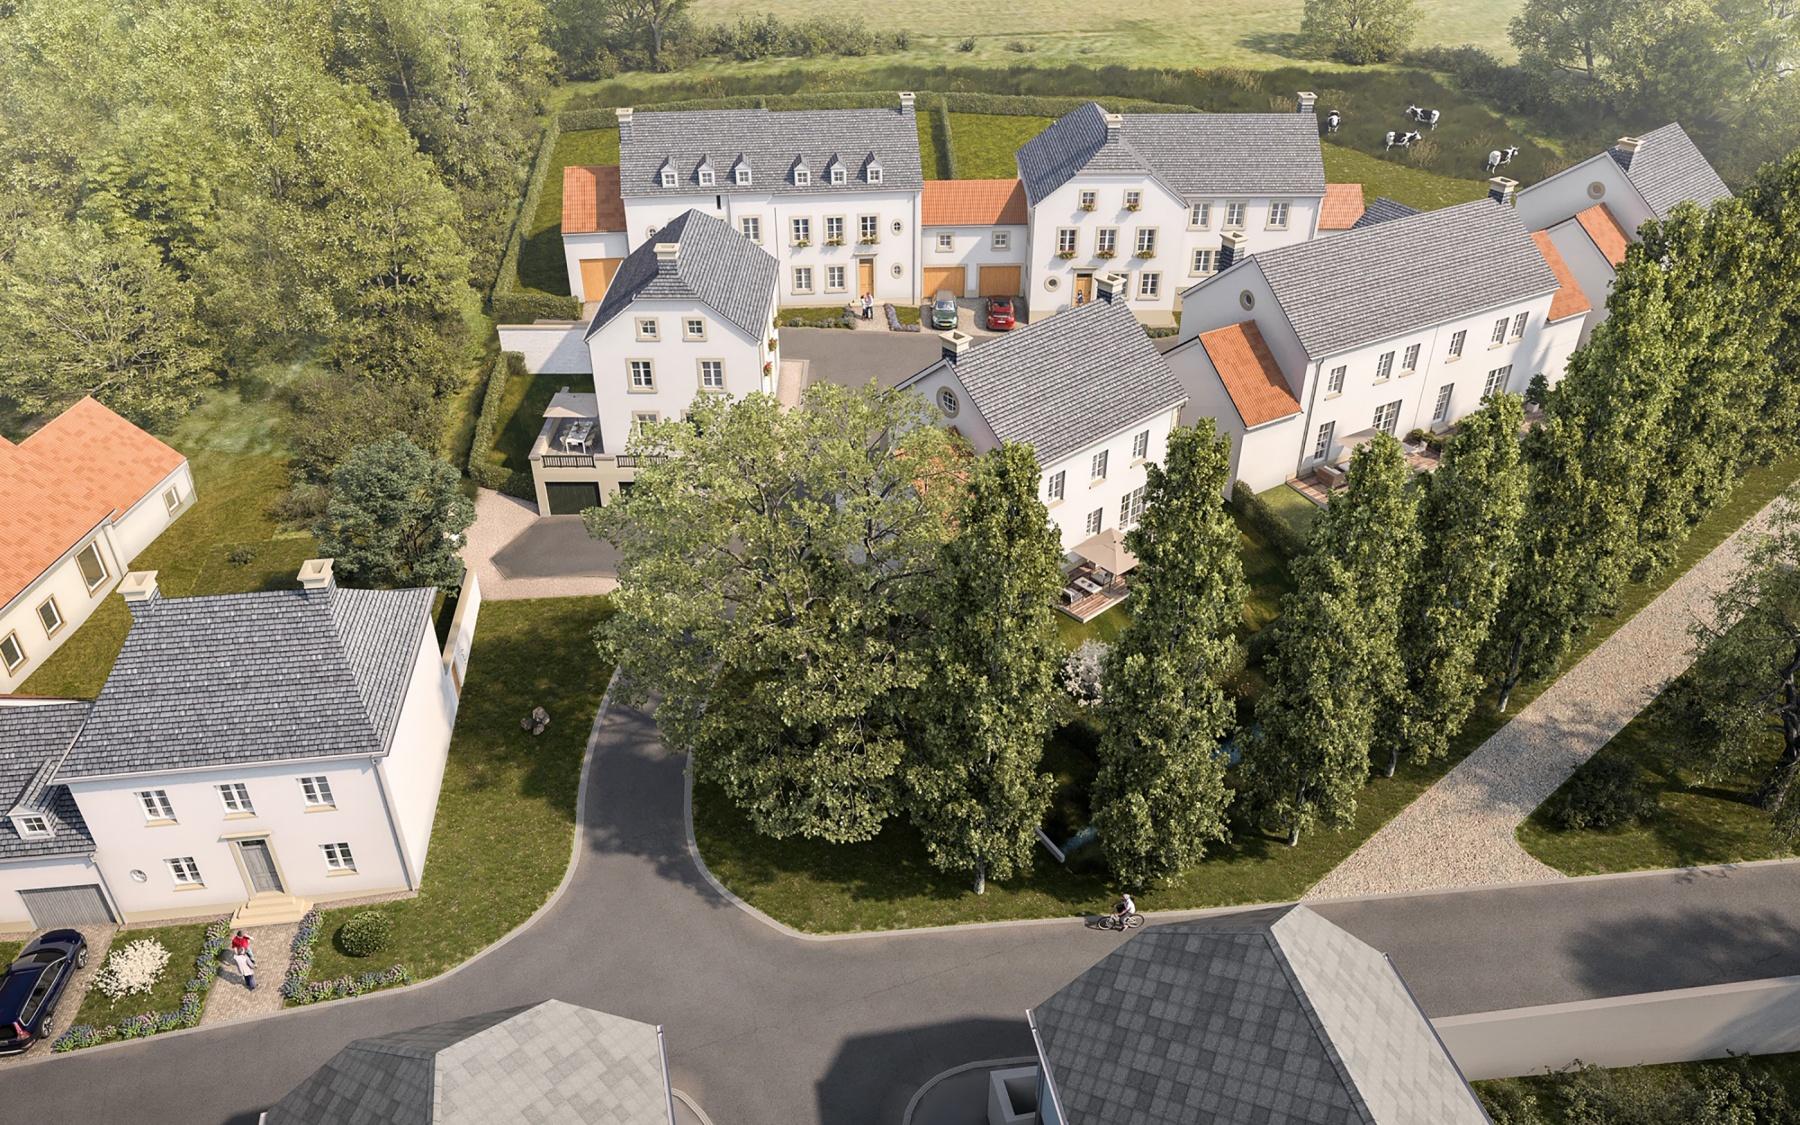 Housing estate PEPPELBACH in Osweiler